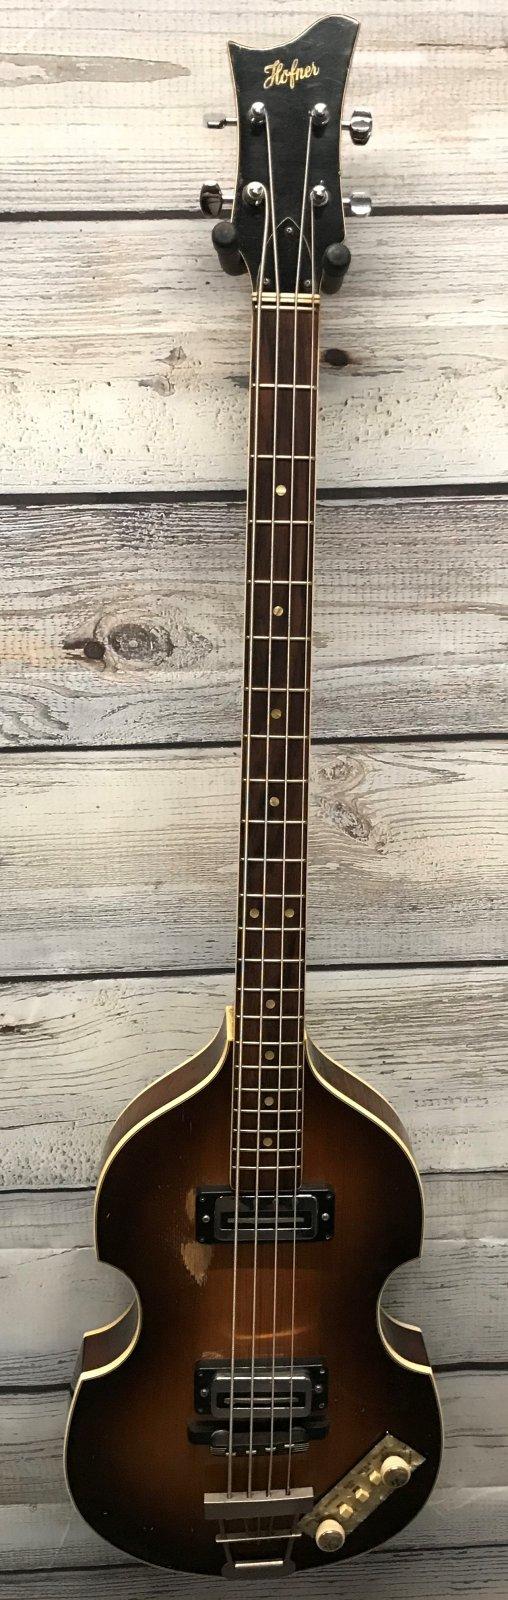 Hofner 500/1 Violin Bass 1968 Tobacco/Brunette